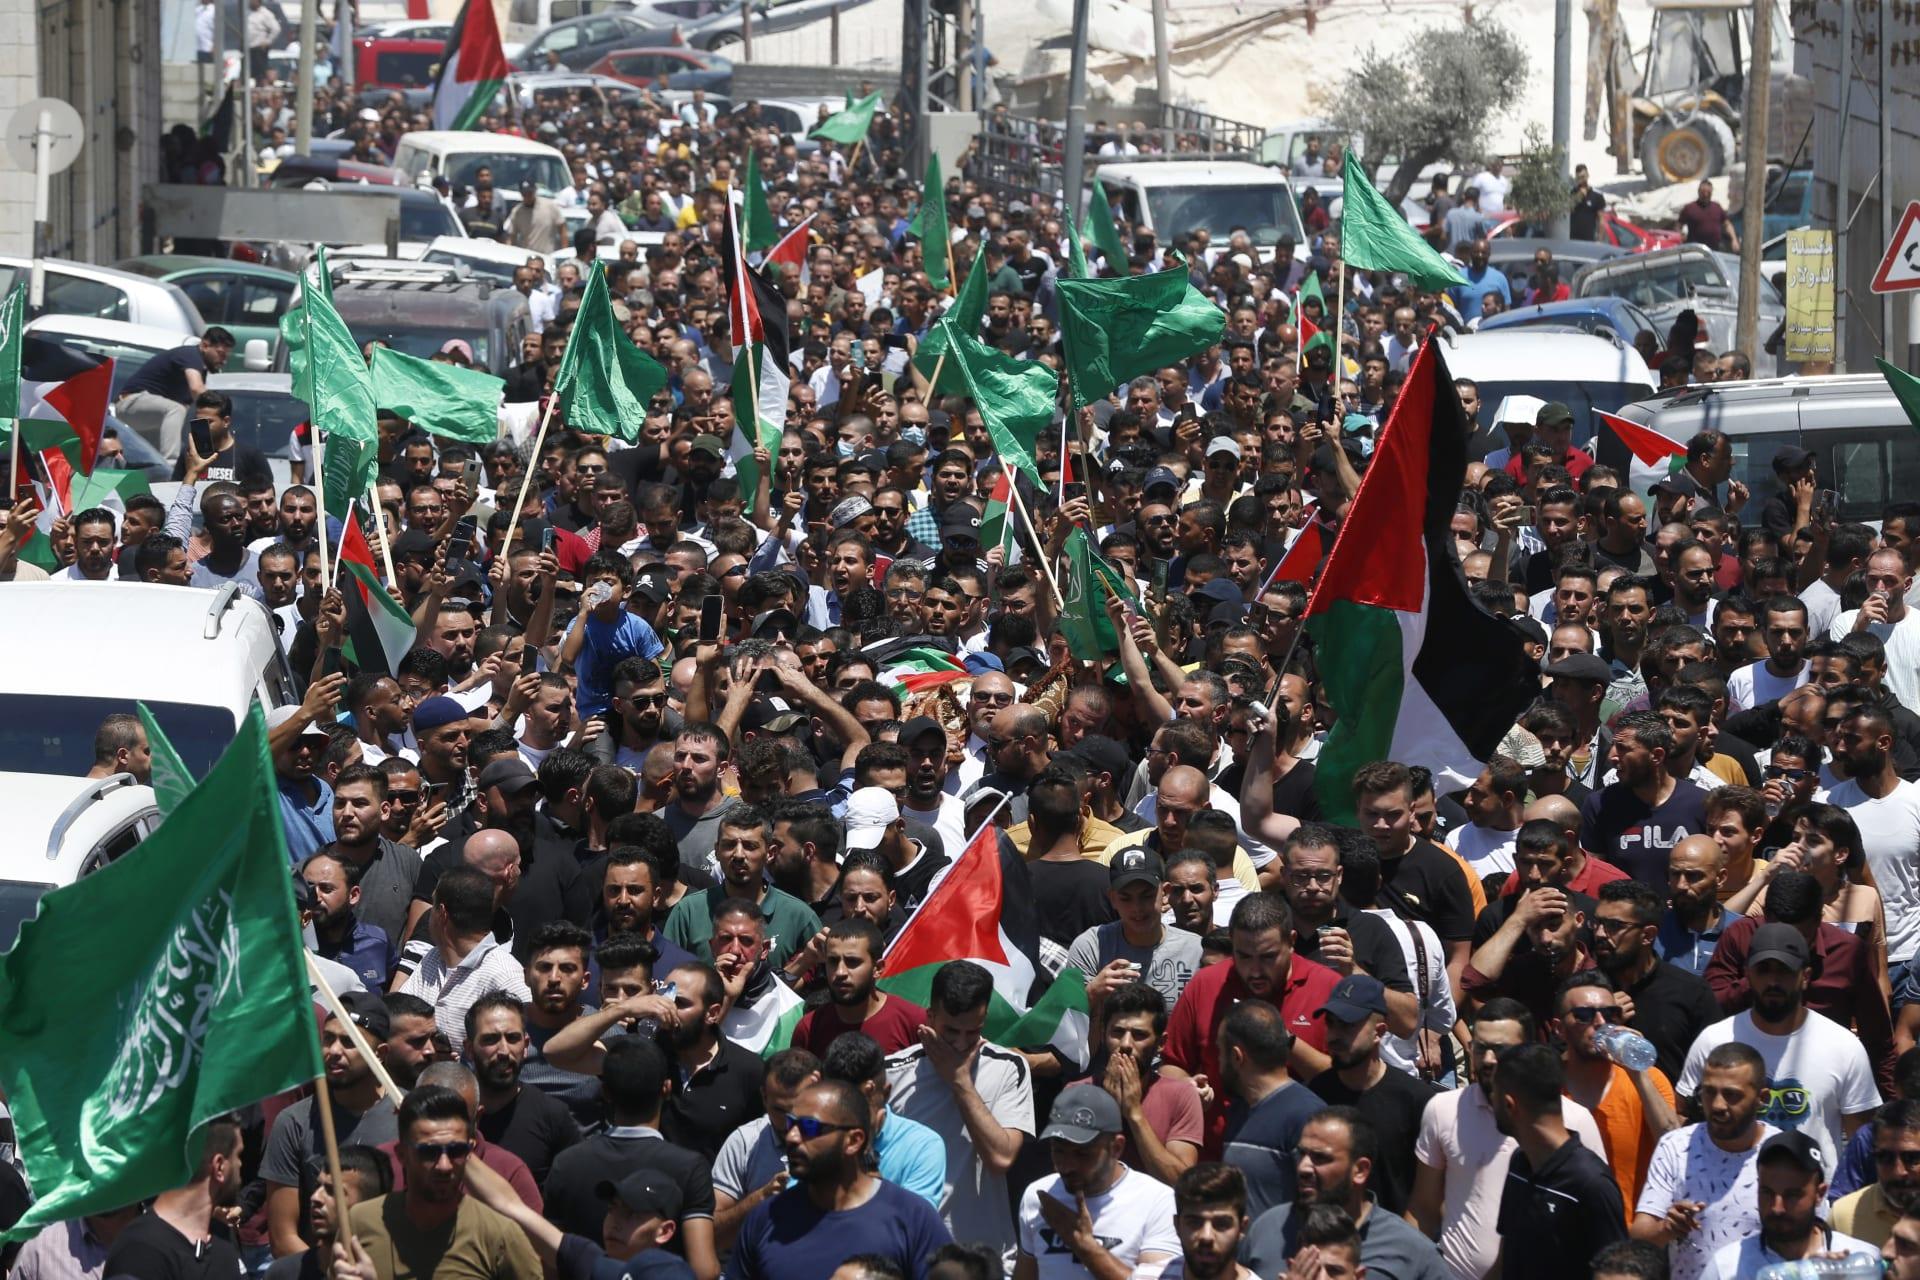 مشيعون يسيرون في موكب جنائزي مع جثمان الناشط الحقوقي والناقد للسلطة الفلسطينية نزار بنات ، الذي توفي بعد وقت قصير من اعتقاله في اليوم السابق ، في الخليل بالضفة الغربية المحتلة في 25 يونيو 2021